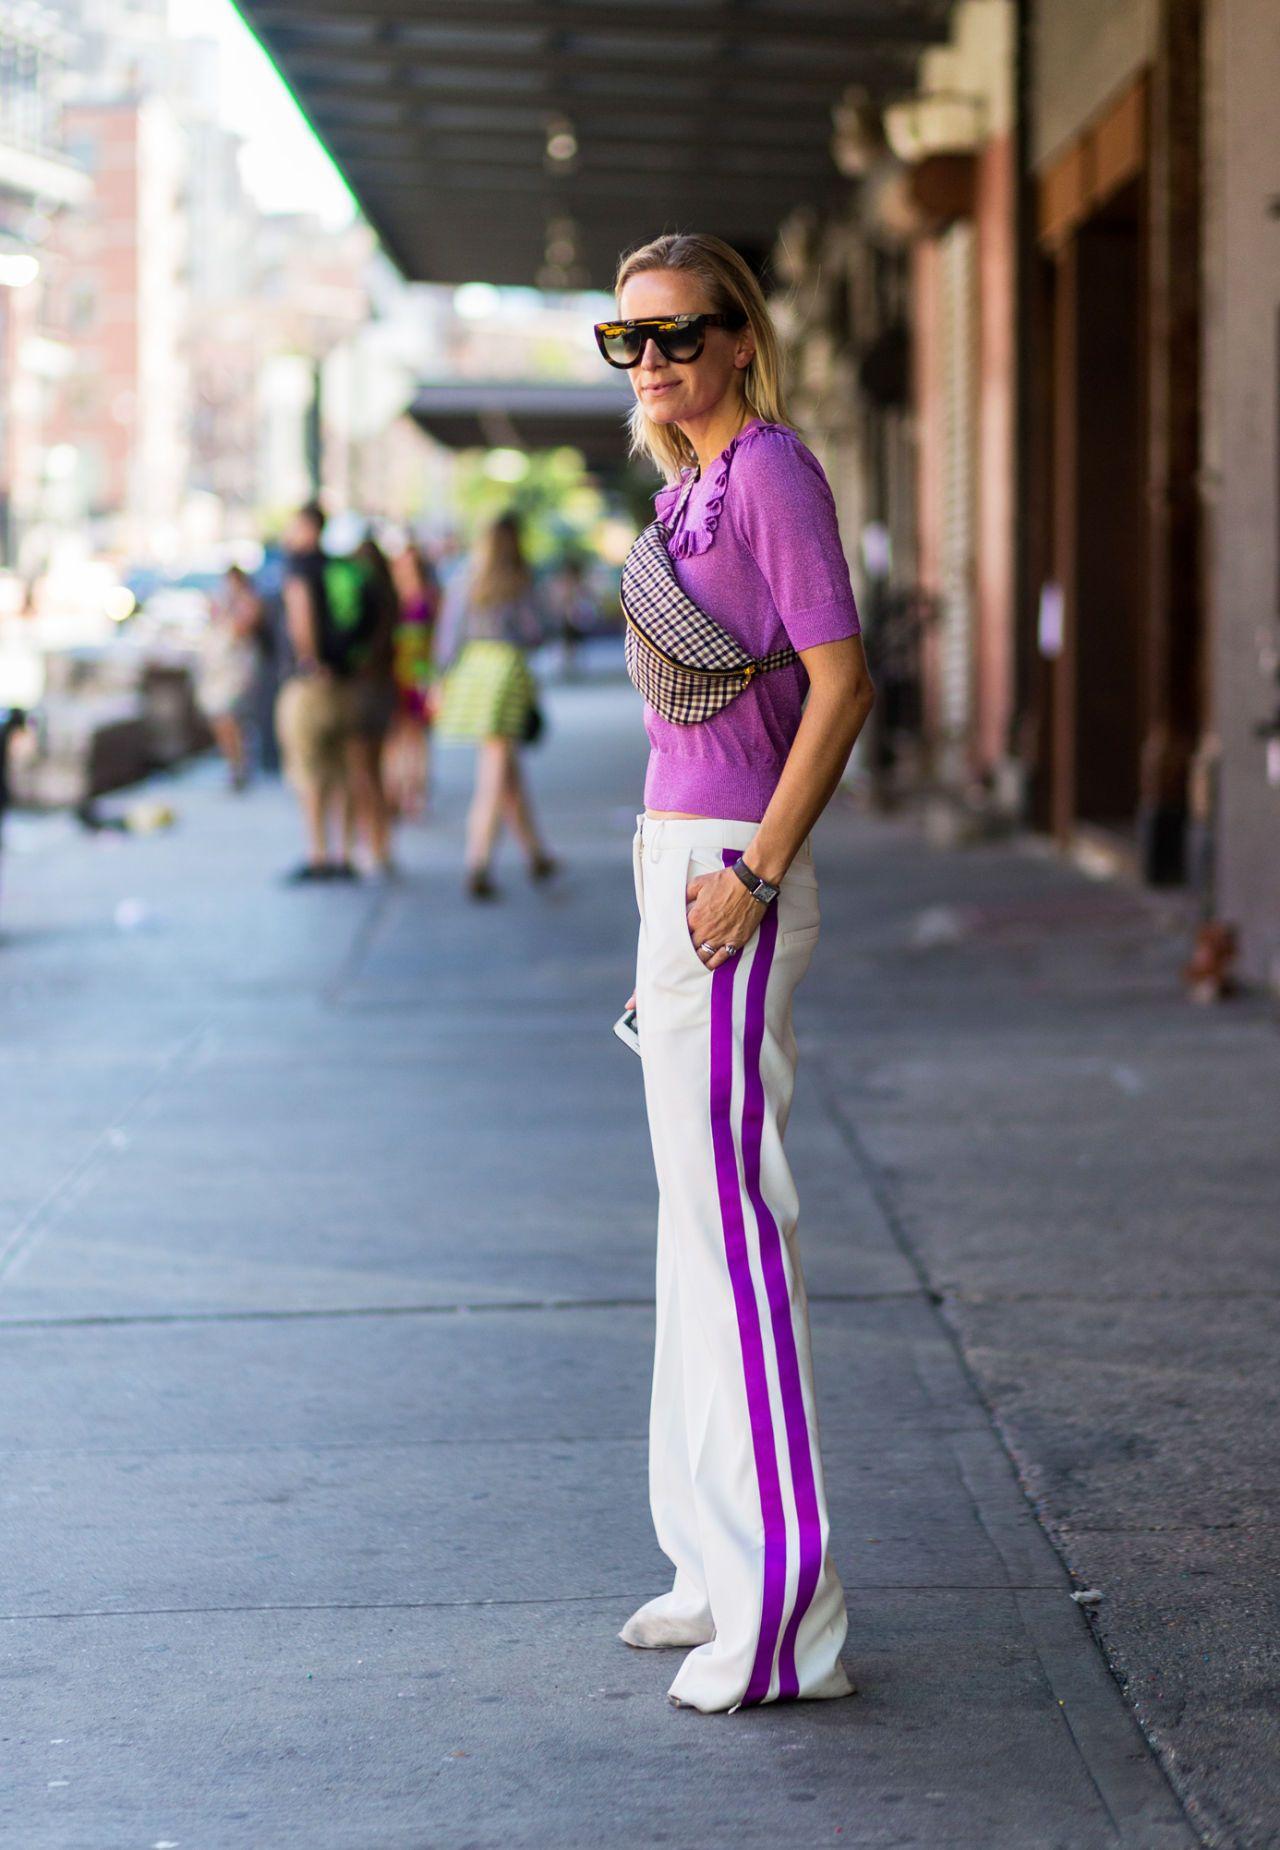 9 abbinamenti sporty chic (+ 1) da fare con i pantaloni